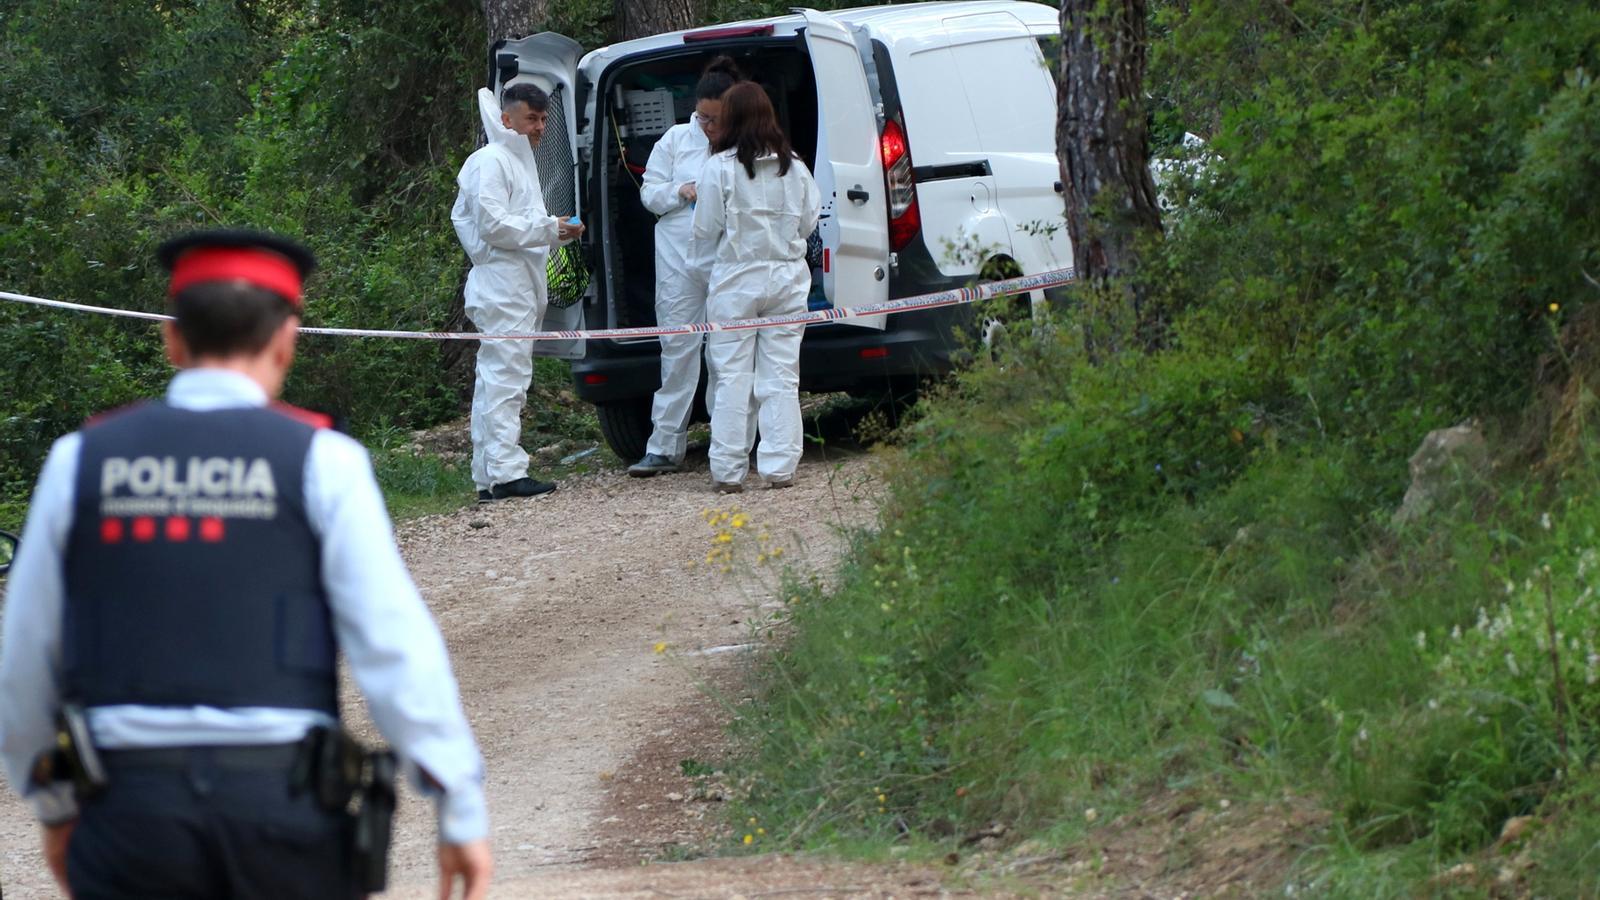 La policia científica treballant a la vora del pantà de Foix, on es va trobar el cos calcinat